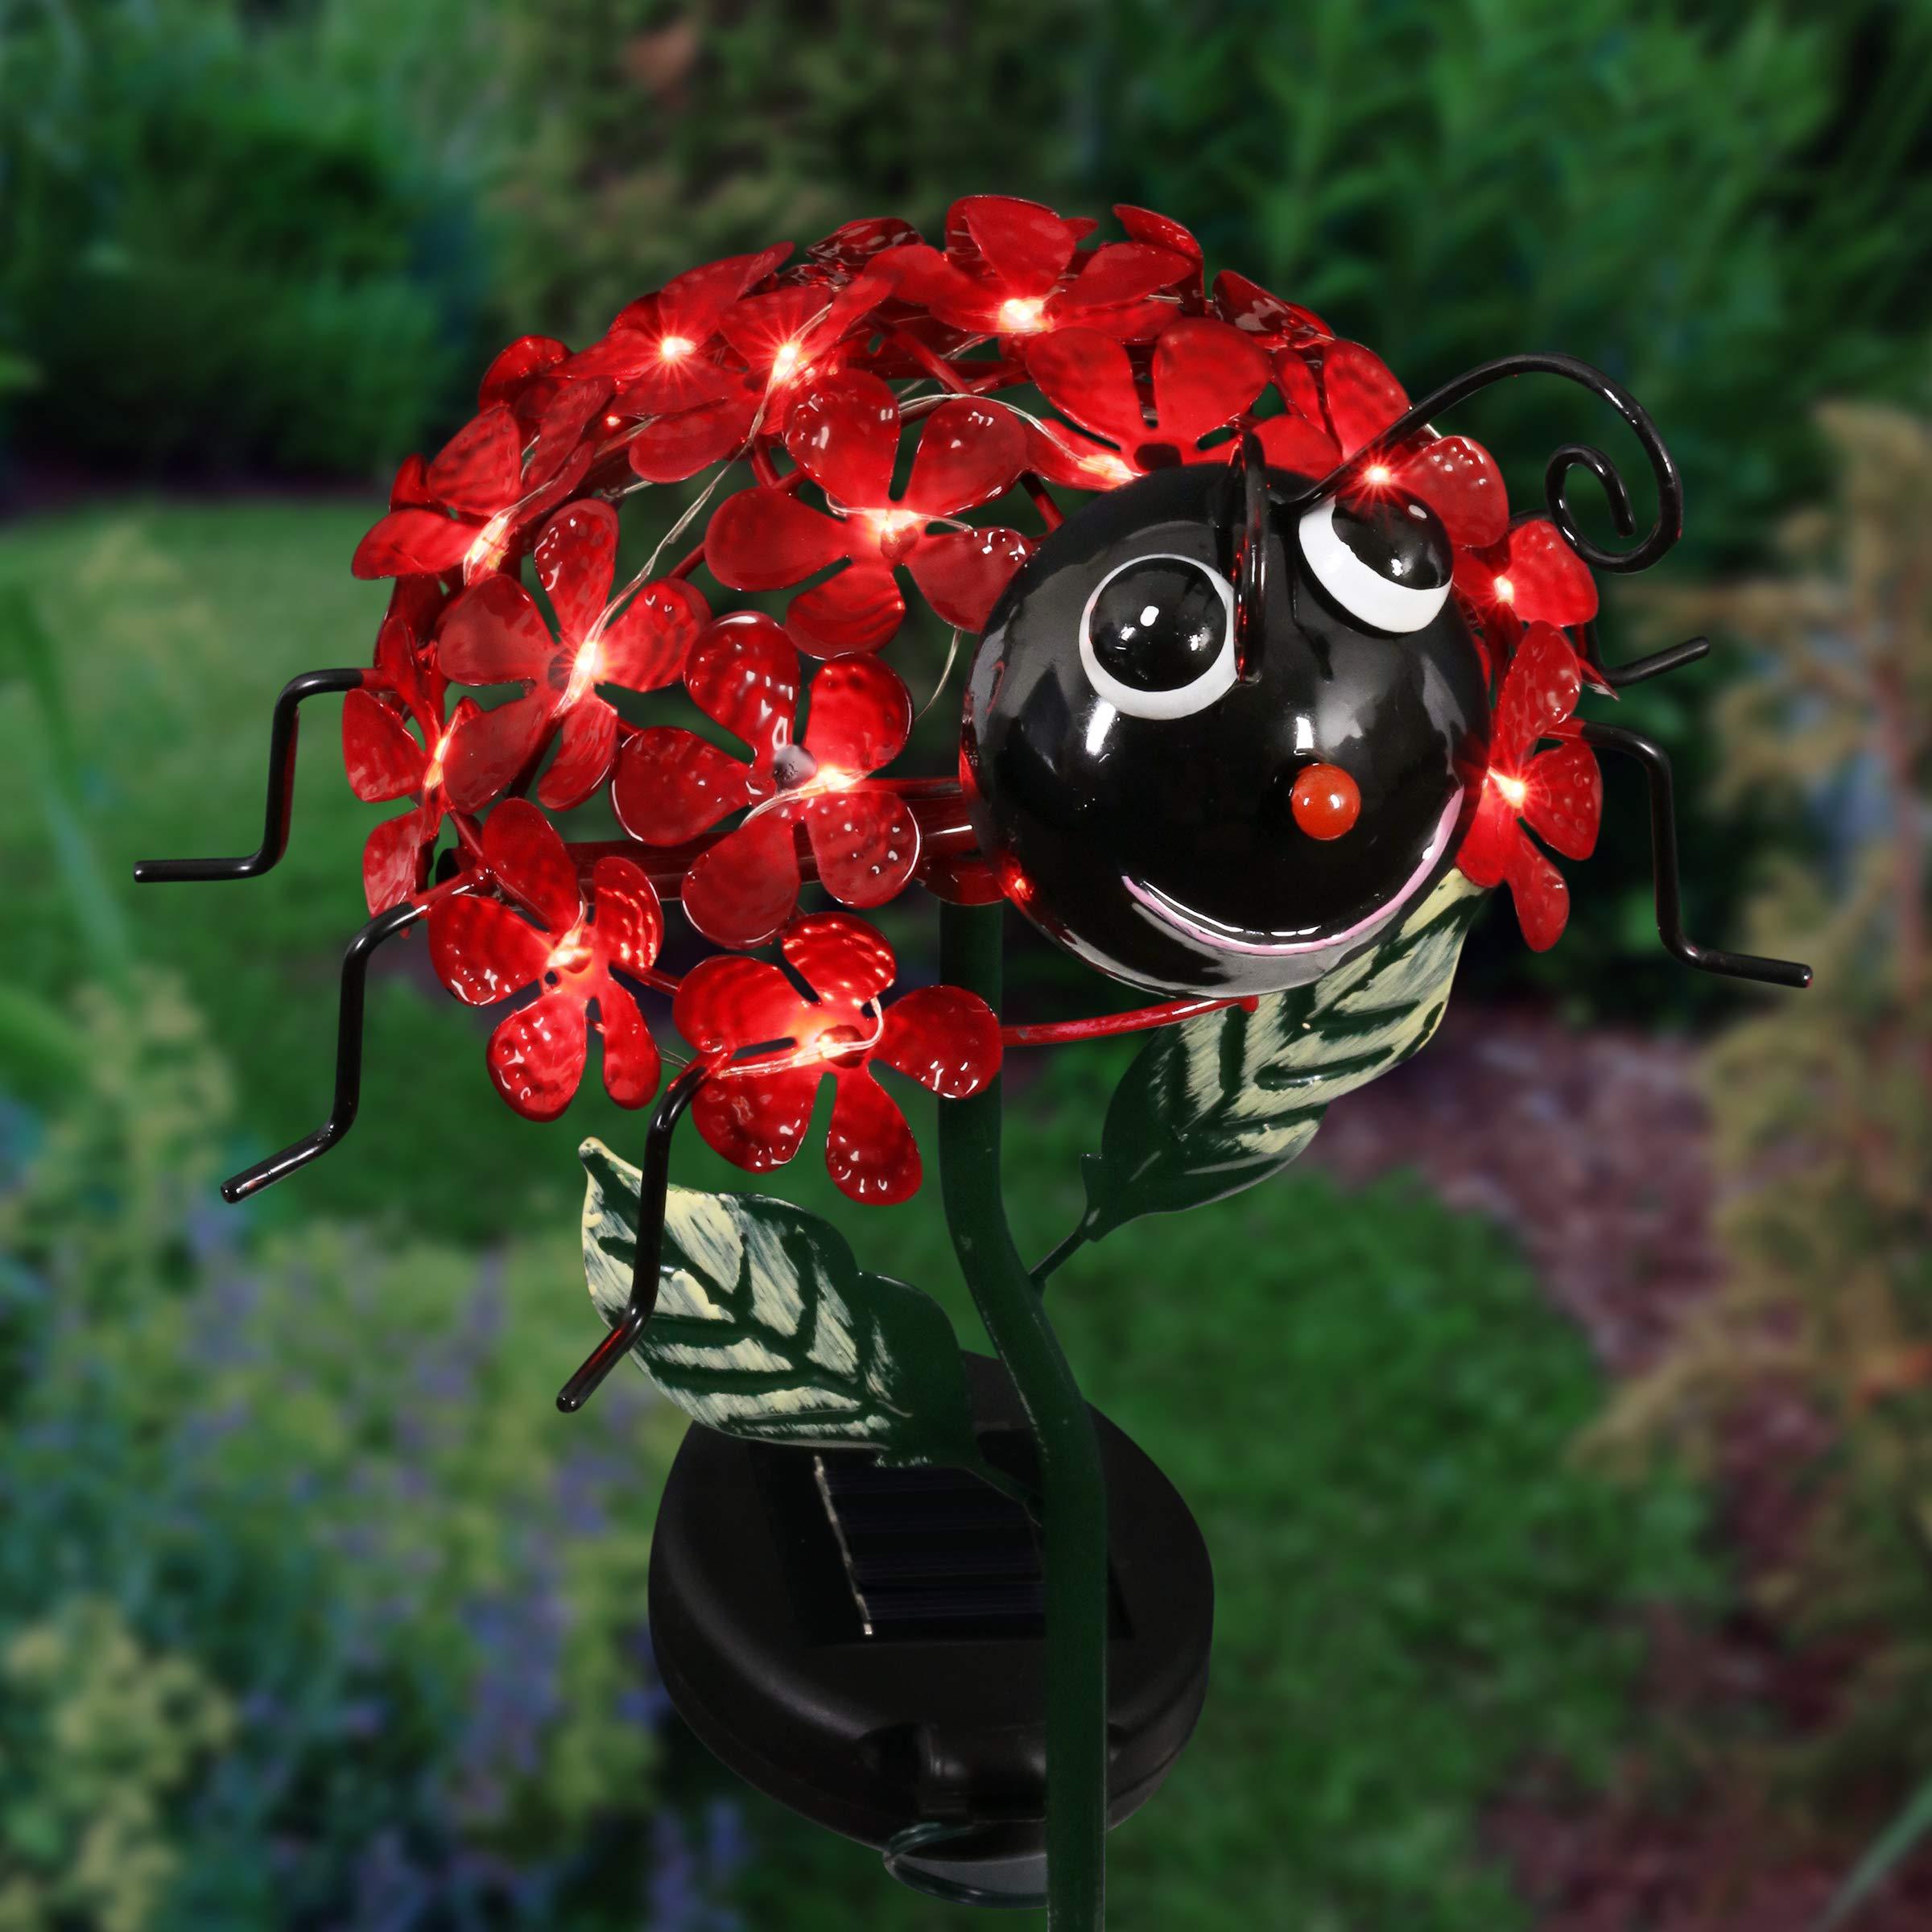 Exhart Ladybug Light Garden Stake - Red Ladybug on a Solar Flower Garden Stake - 21'' Metal Garden Stake w/ 26 LED Solar Lights on Red Flower Petals That Illuminate Your Ladybug Garden Decor